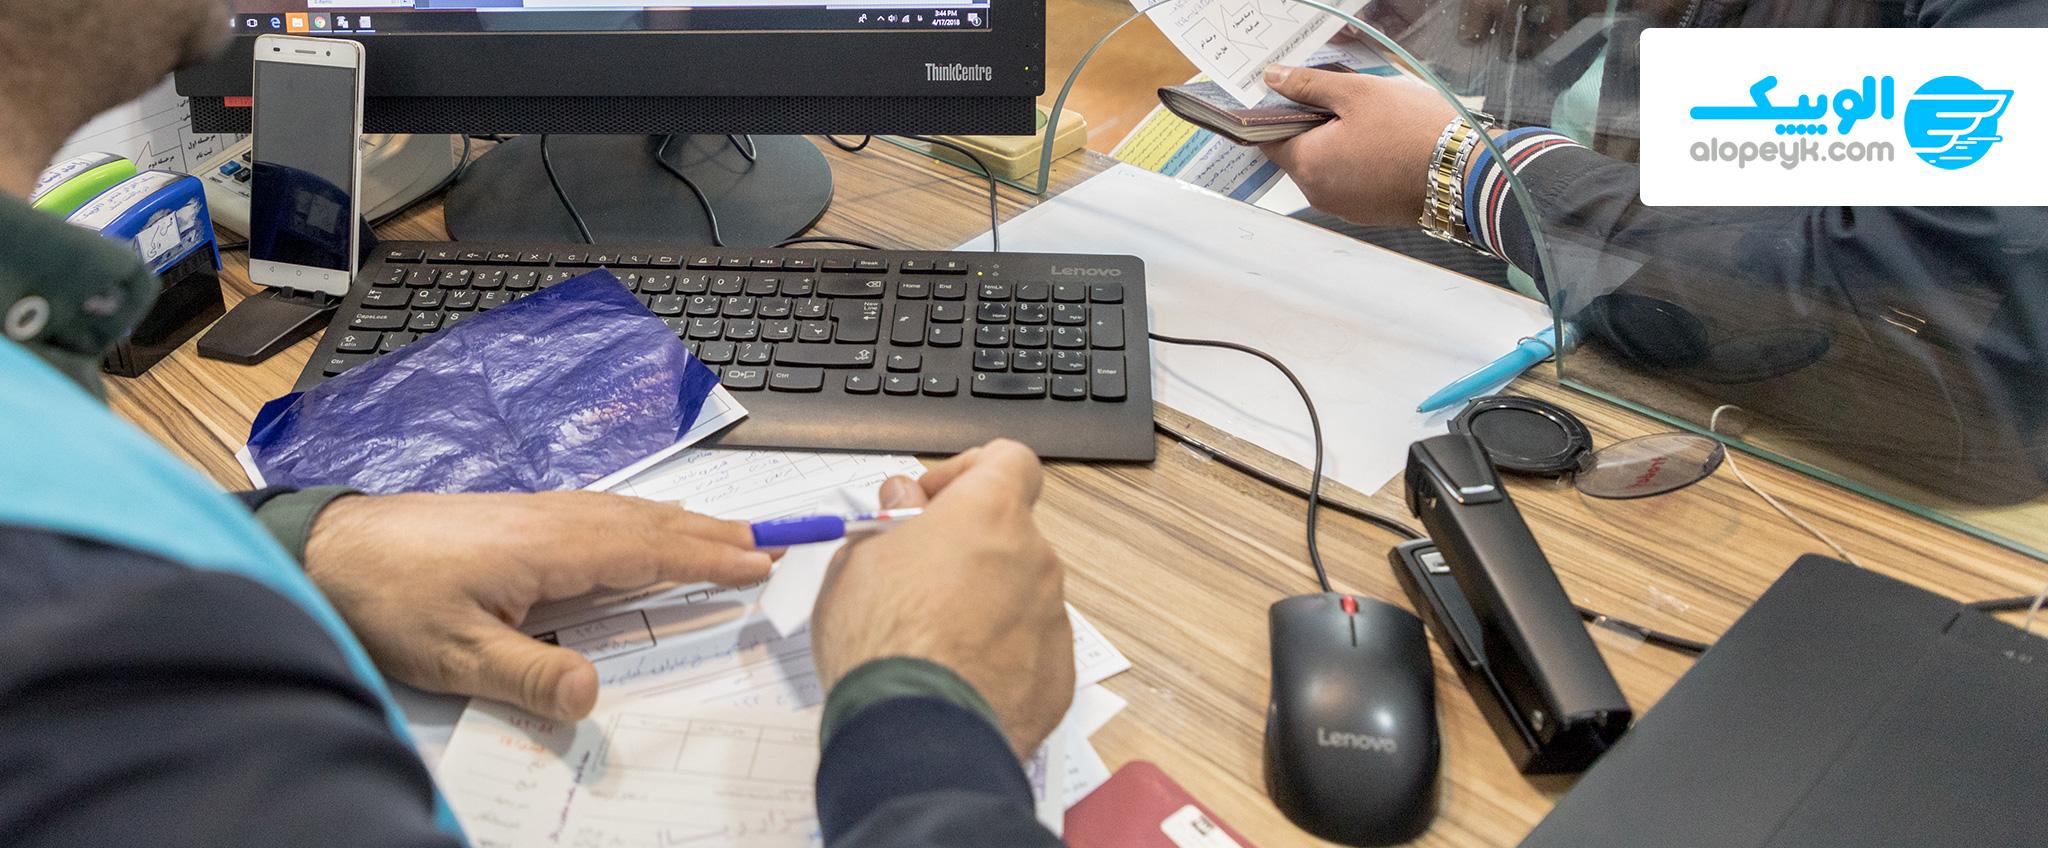 ارائه مدارک وسیله نقیله در زمان ثبت نام در الوپیک